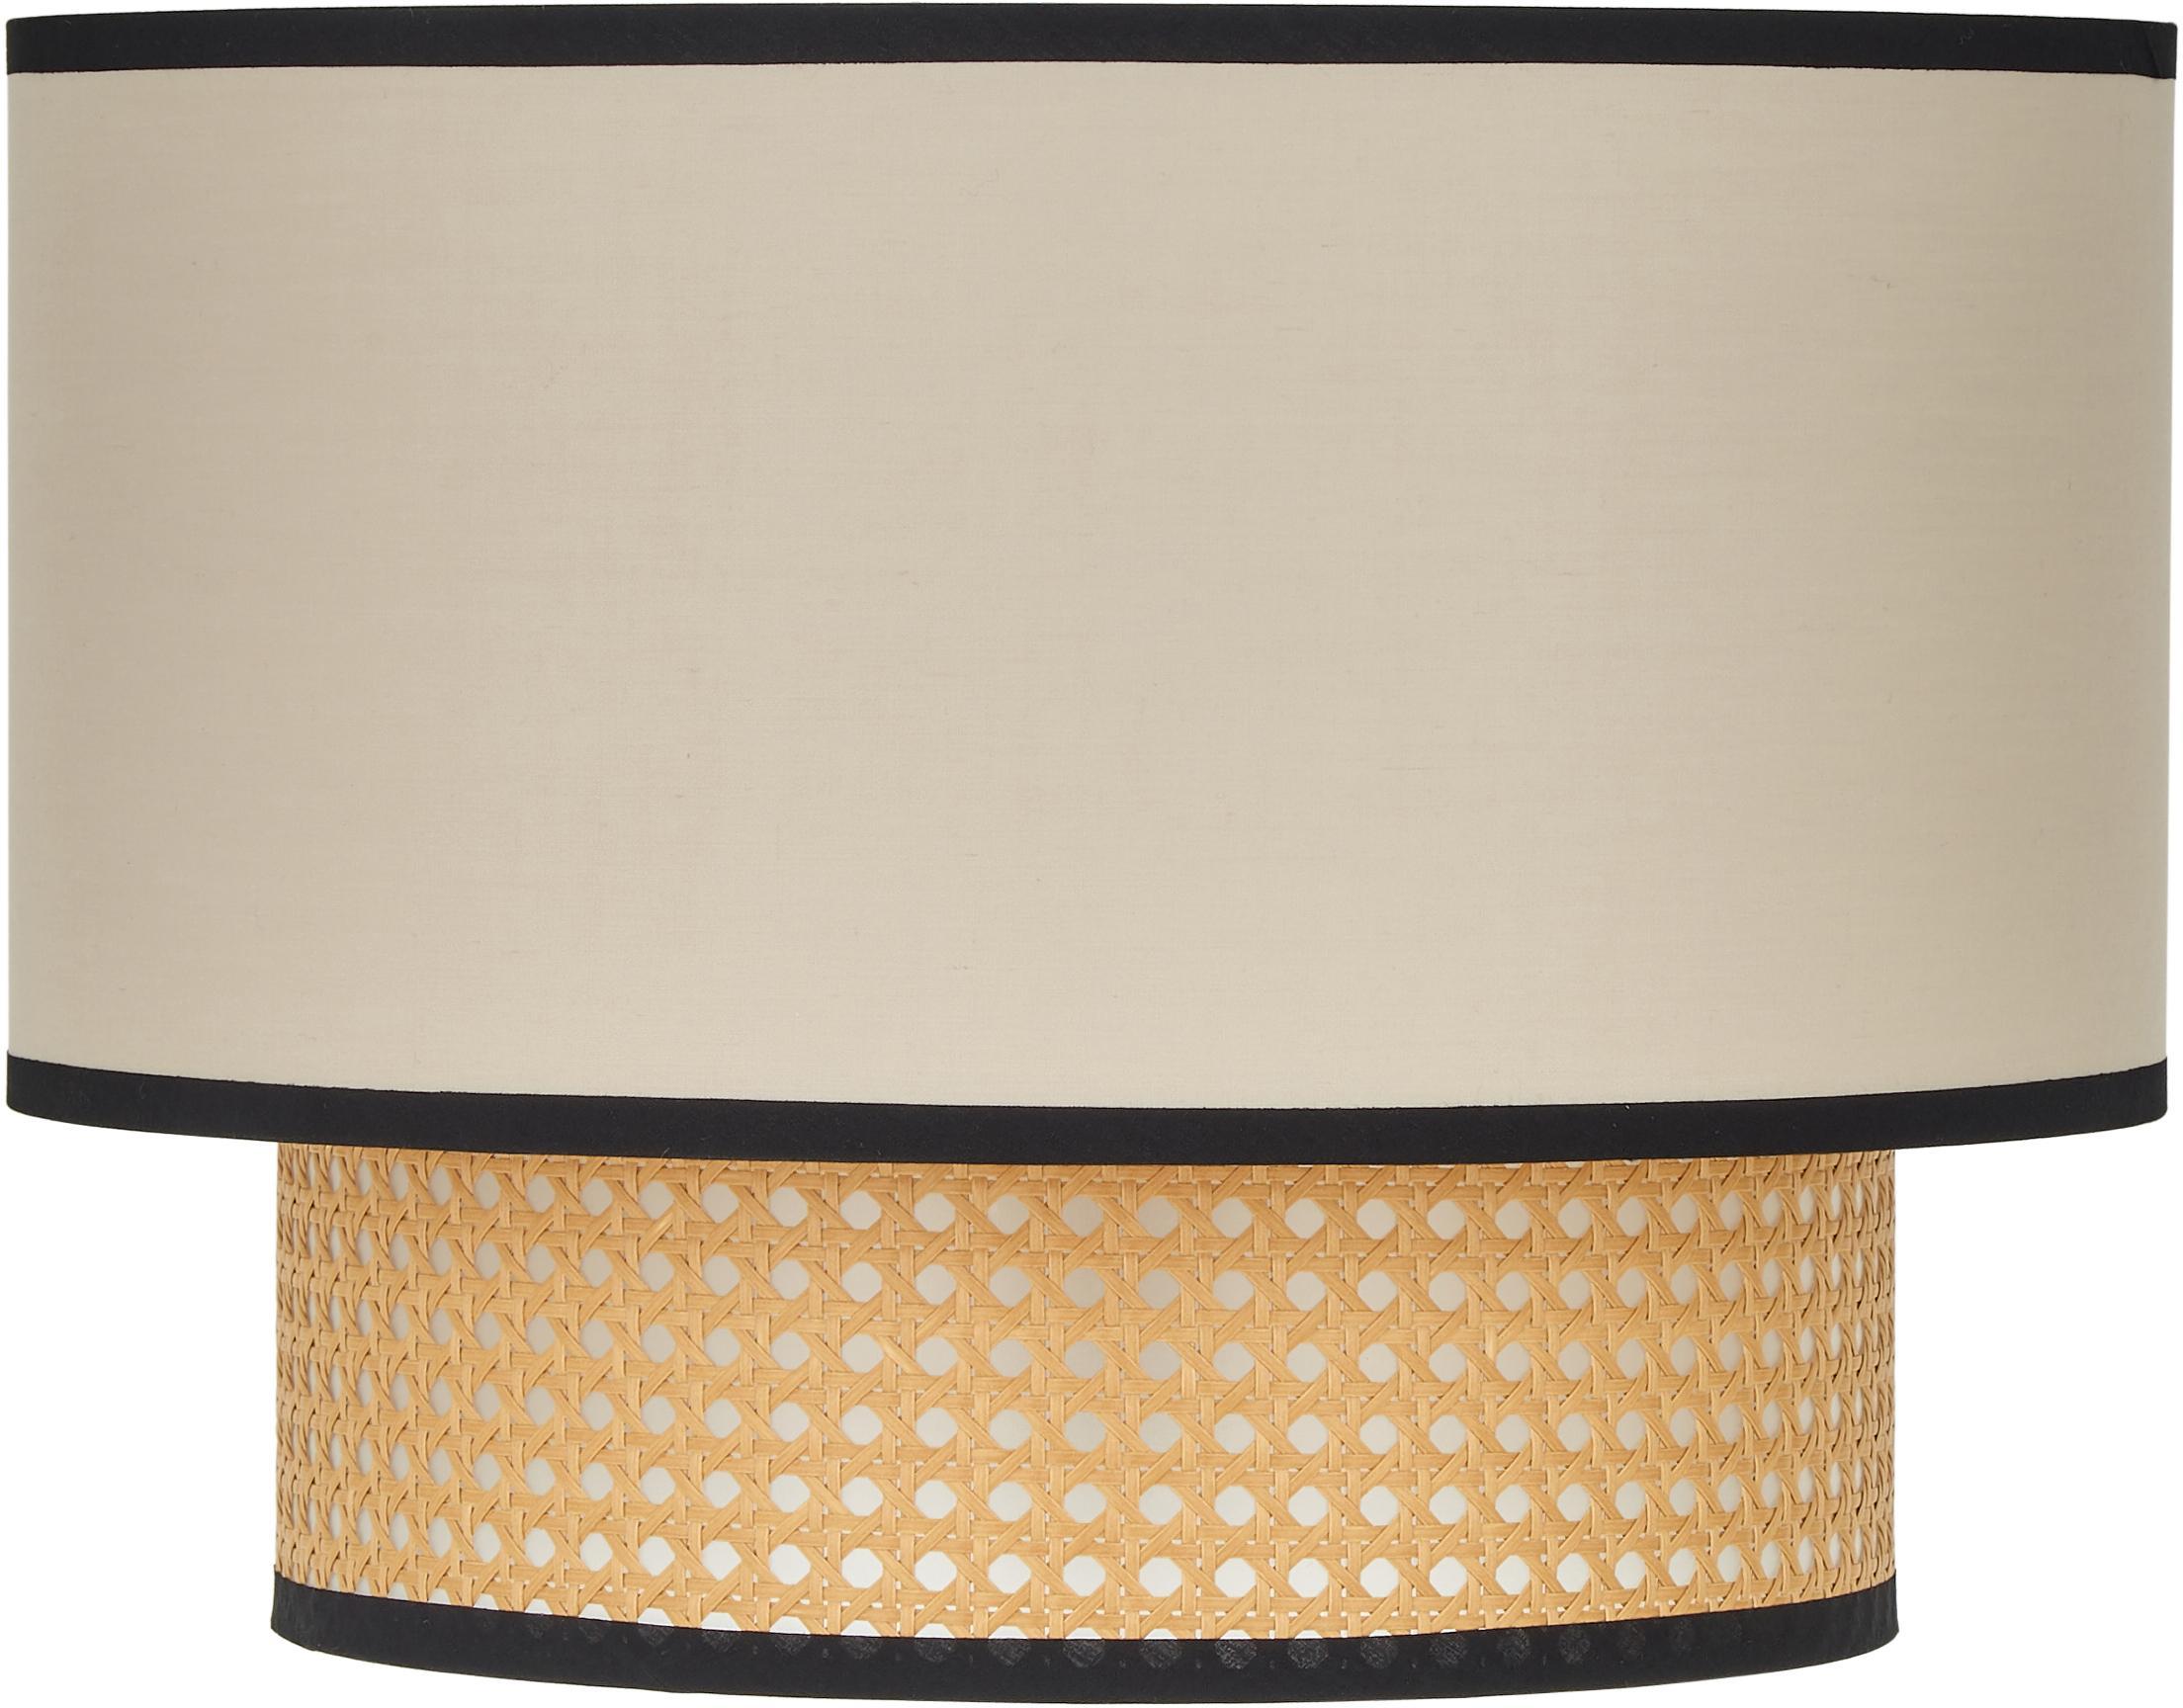 Lampa sufitowa Vienna, Beżowy, czarny, kremowy, ∅ 40 x W 30 cm